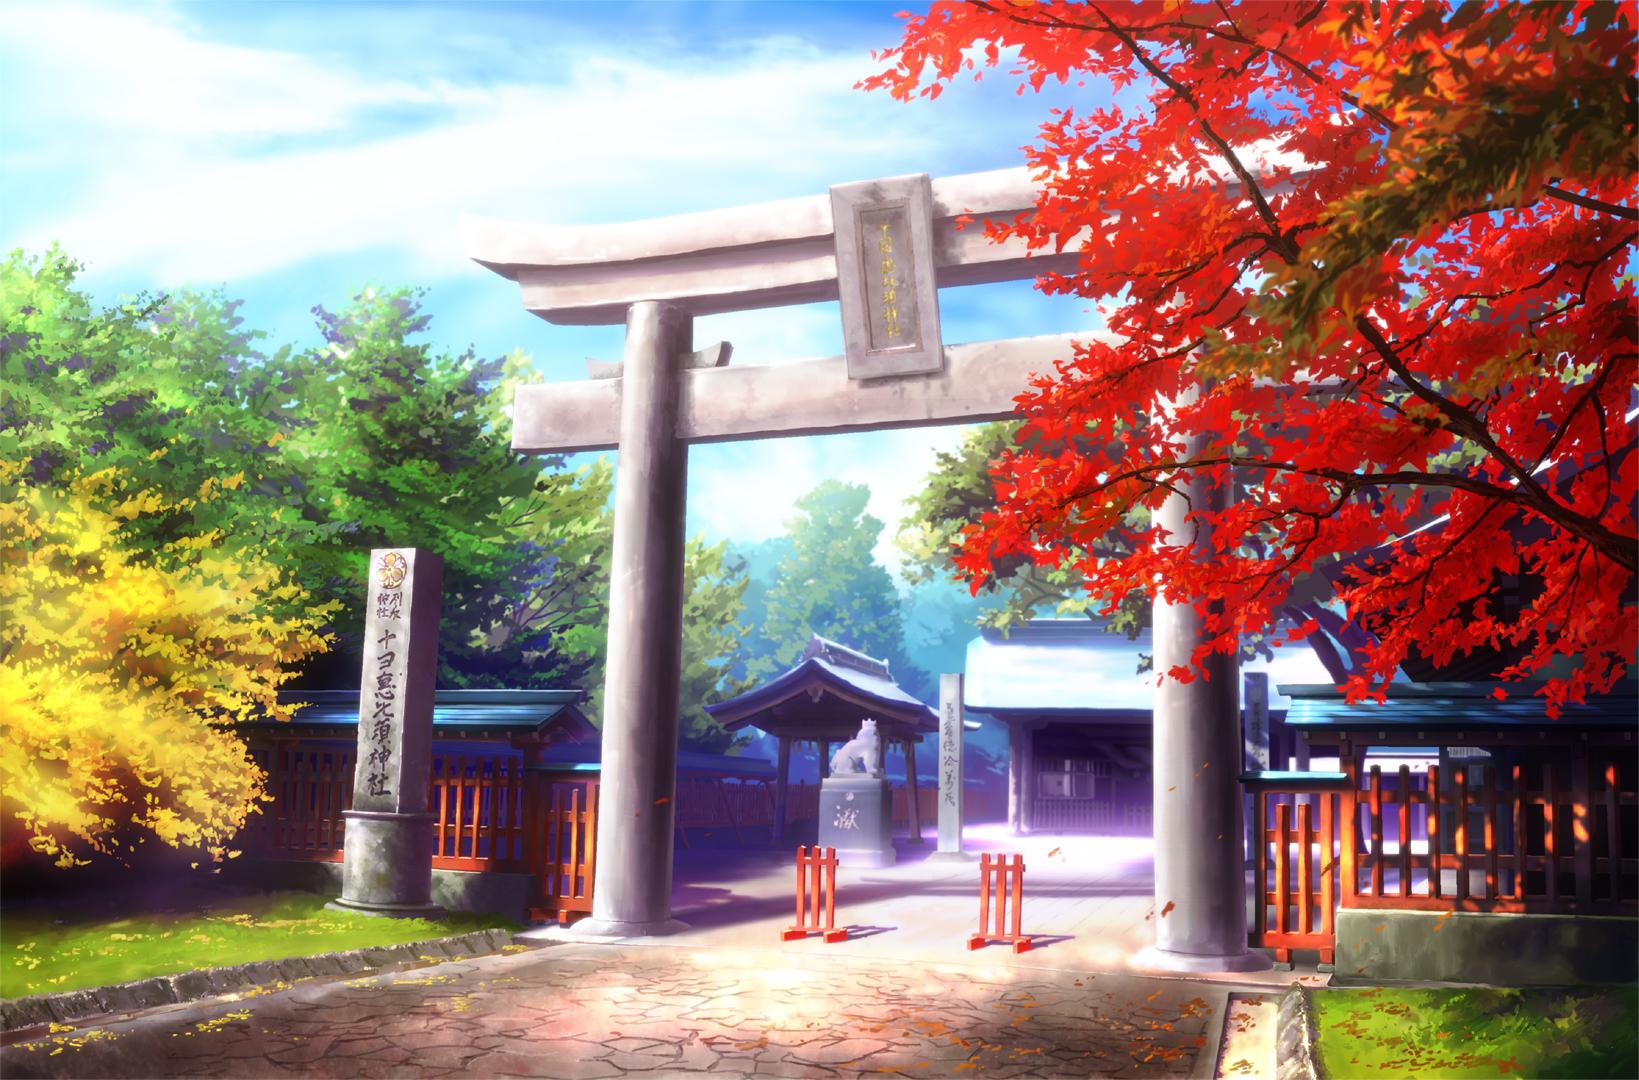 Immagini tempio giapponese studiare da giapponese for Finestra giapponese